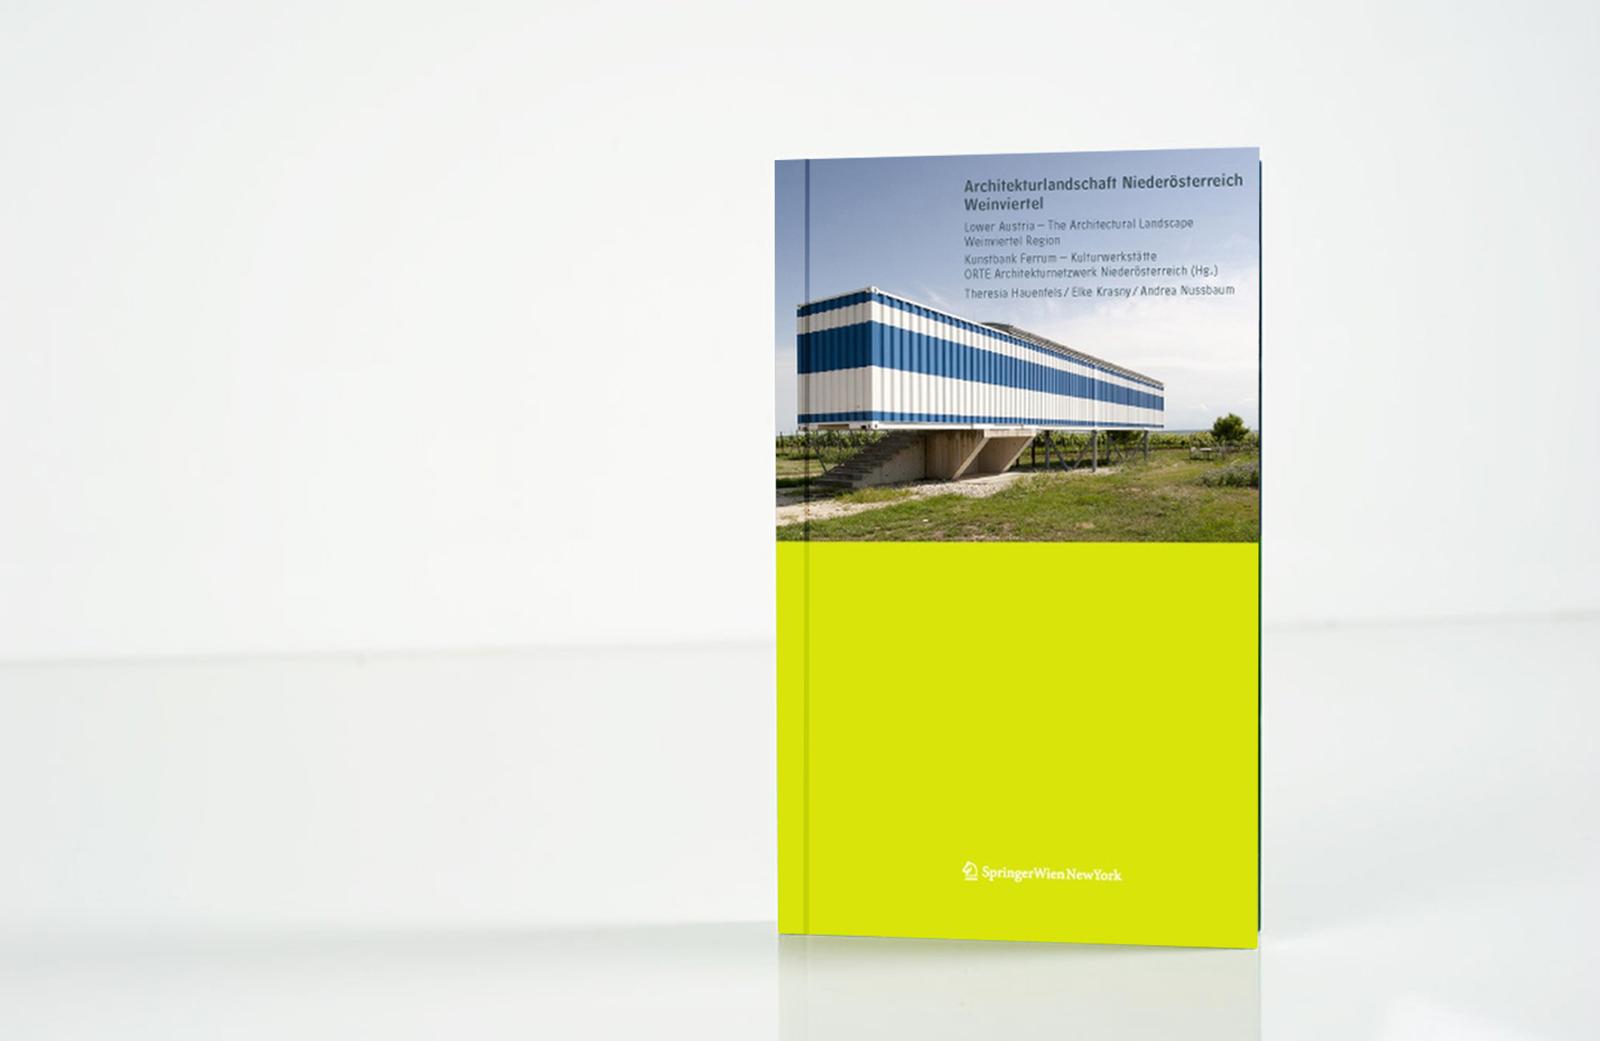 Architekturlandschaft Niederösterreich